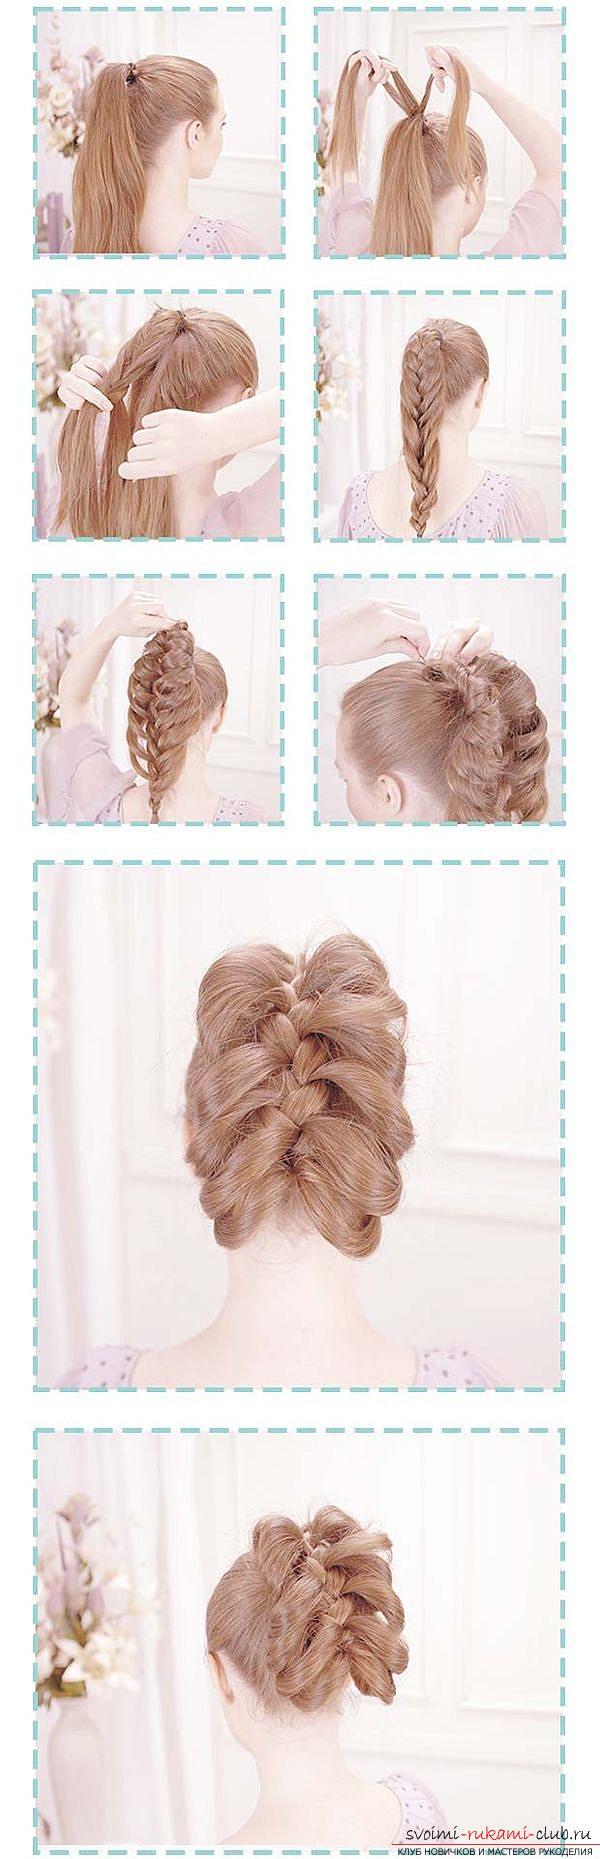 Причёски на длинные волосы своими руками в домашних условиях косички фото